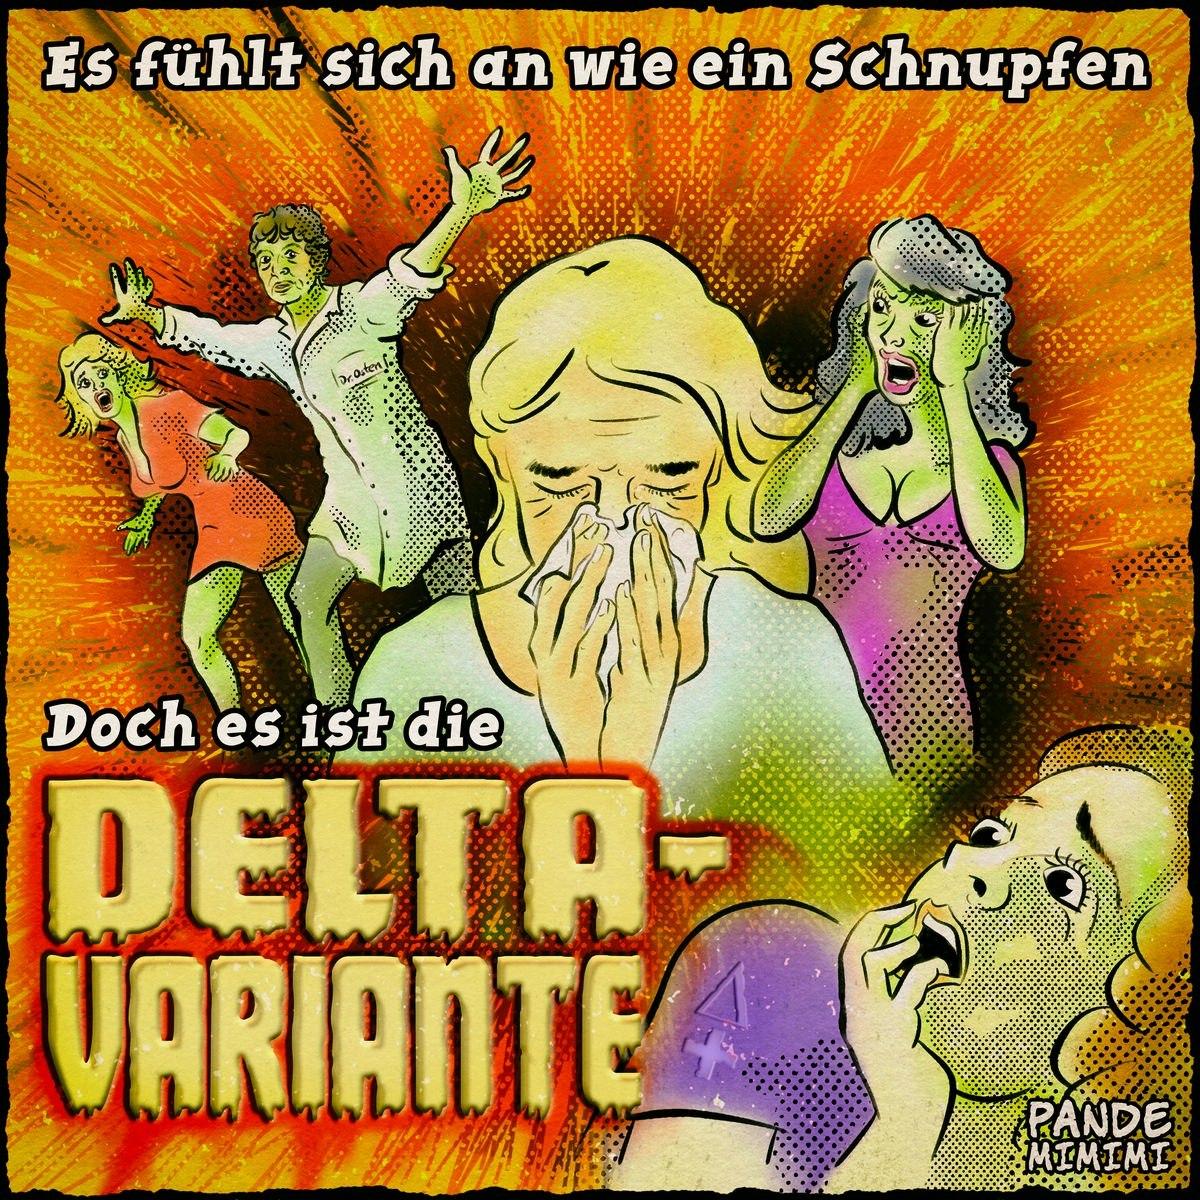 222_Delta-Variante_1200